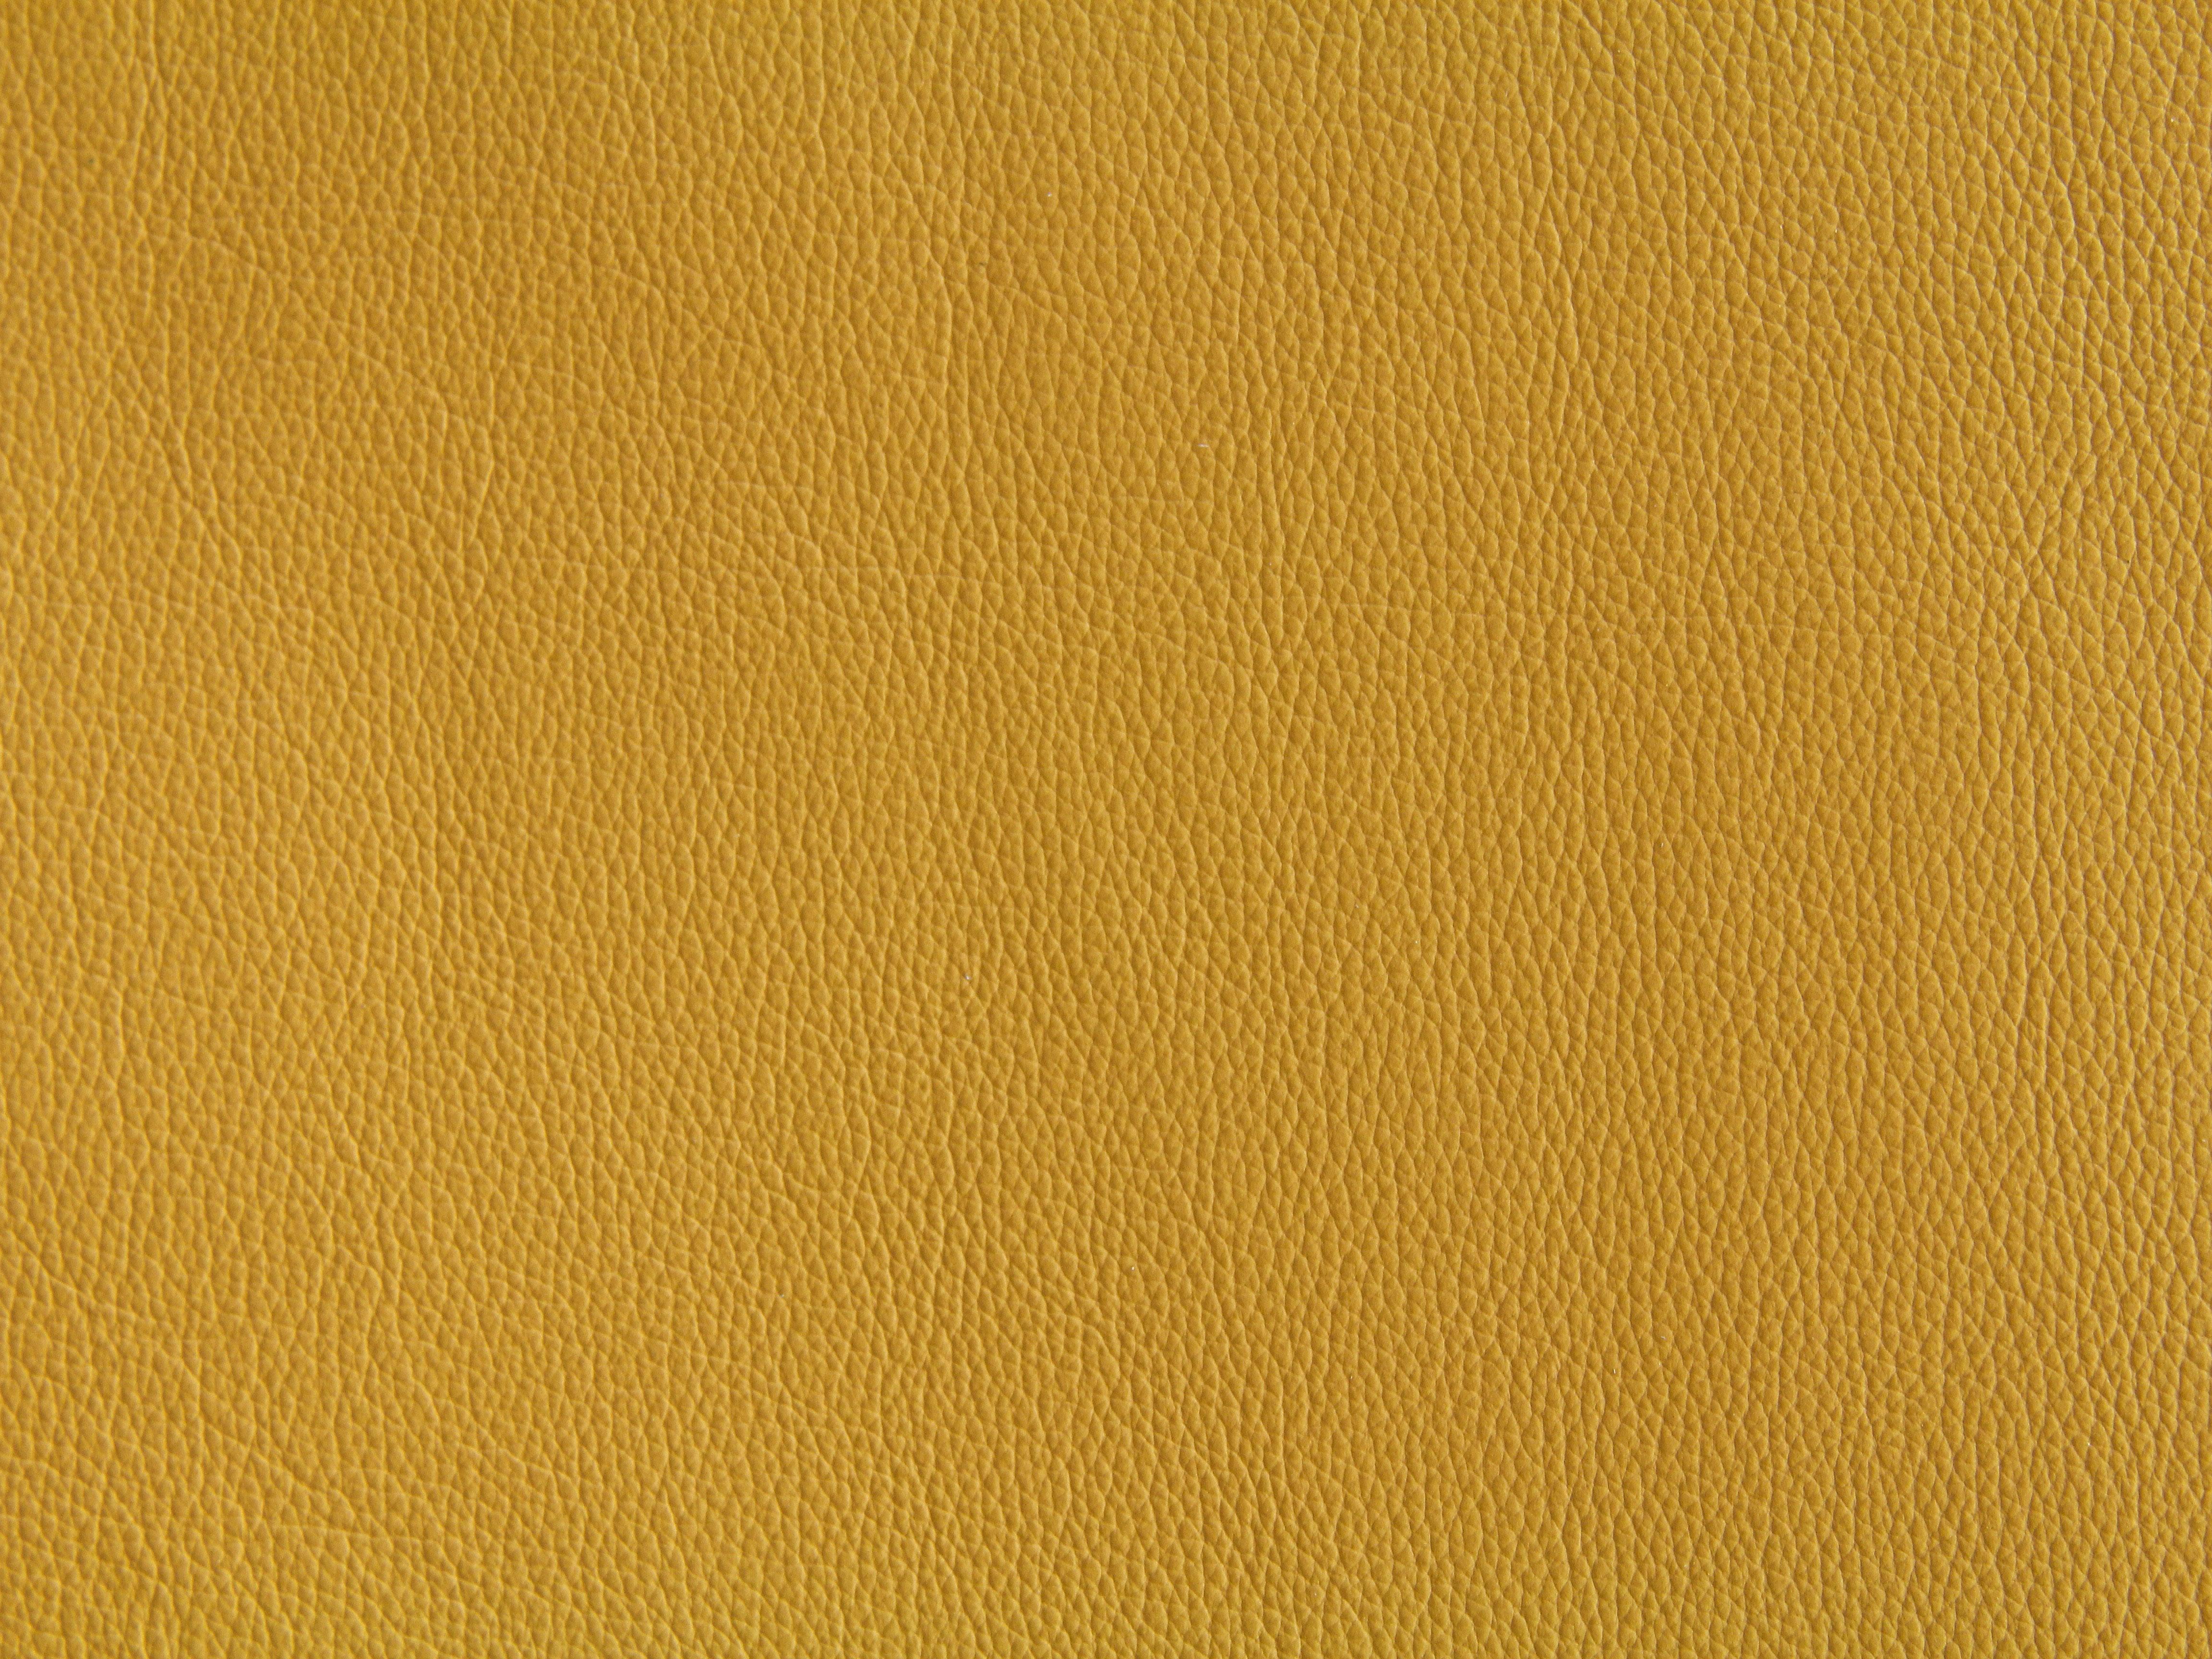 Using material as wallpaper wallpapersafari for Fabric material